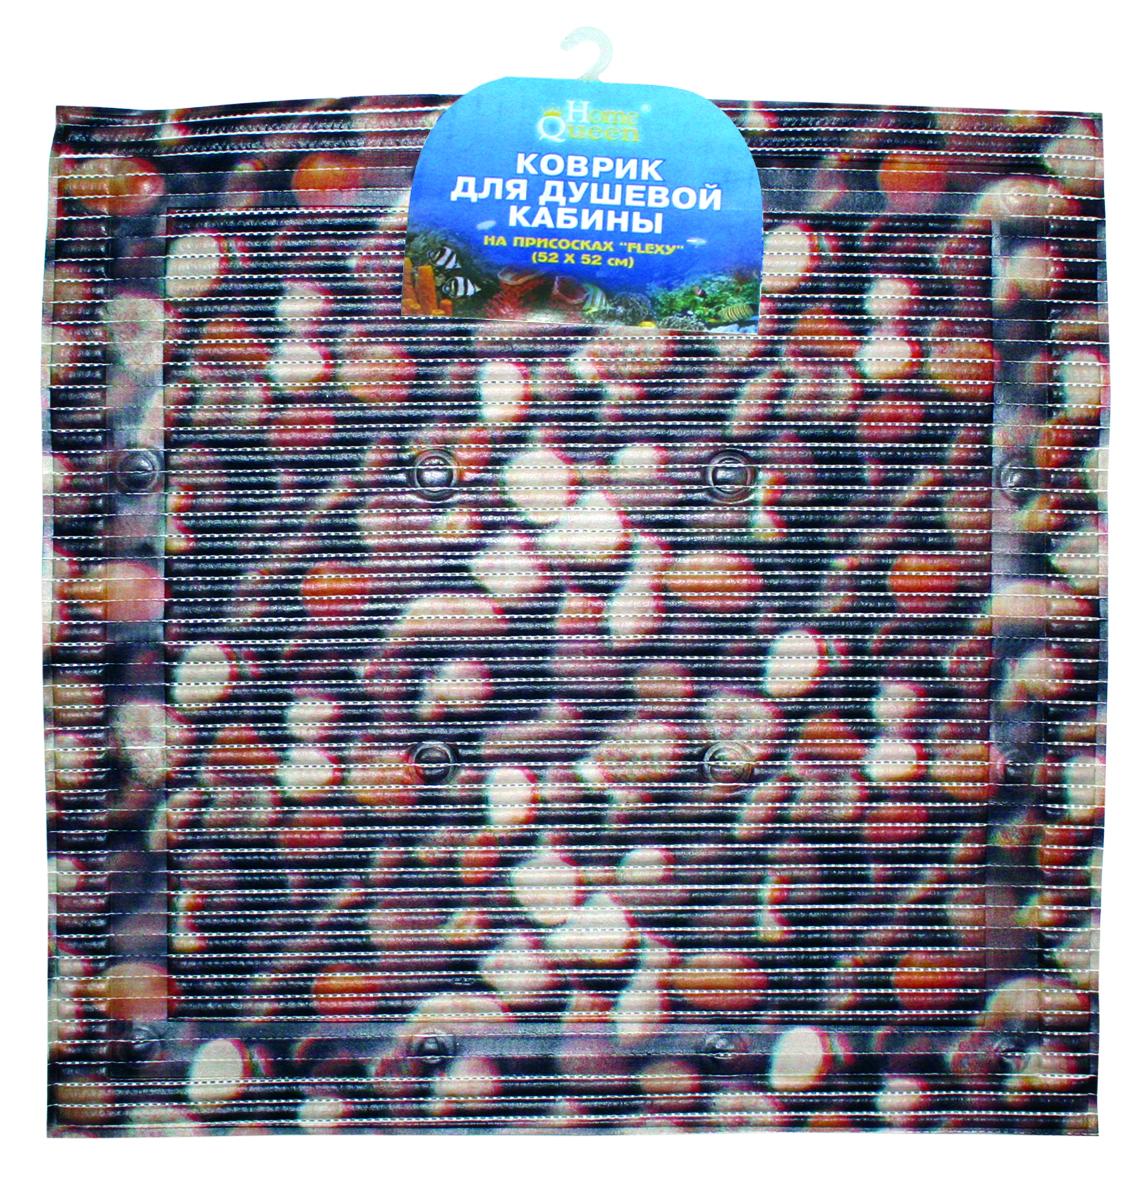 Коврик для душевой кабины Flexy, на присосках, цвет: темно-коричневый, 52 см х 52 см55767Квадратный коврик с присосками предназначен для душевой кабины, но его также можно использовать как напольный коврик для ванной комнаты. Присоски обеспечивают антискользящий эффект, мягкая поверхность коврика создает комфортное покрытие. Красивый яркий рисунок декорирует ванную комнату.Рекомендации по уходу: протрите коврик влажной губкой с мягким моющим средством, тщательно ополосните чистой водой и просушите.